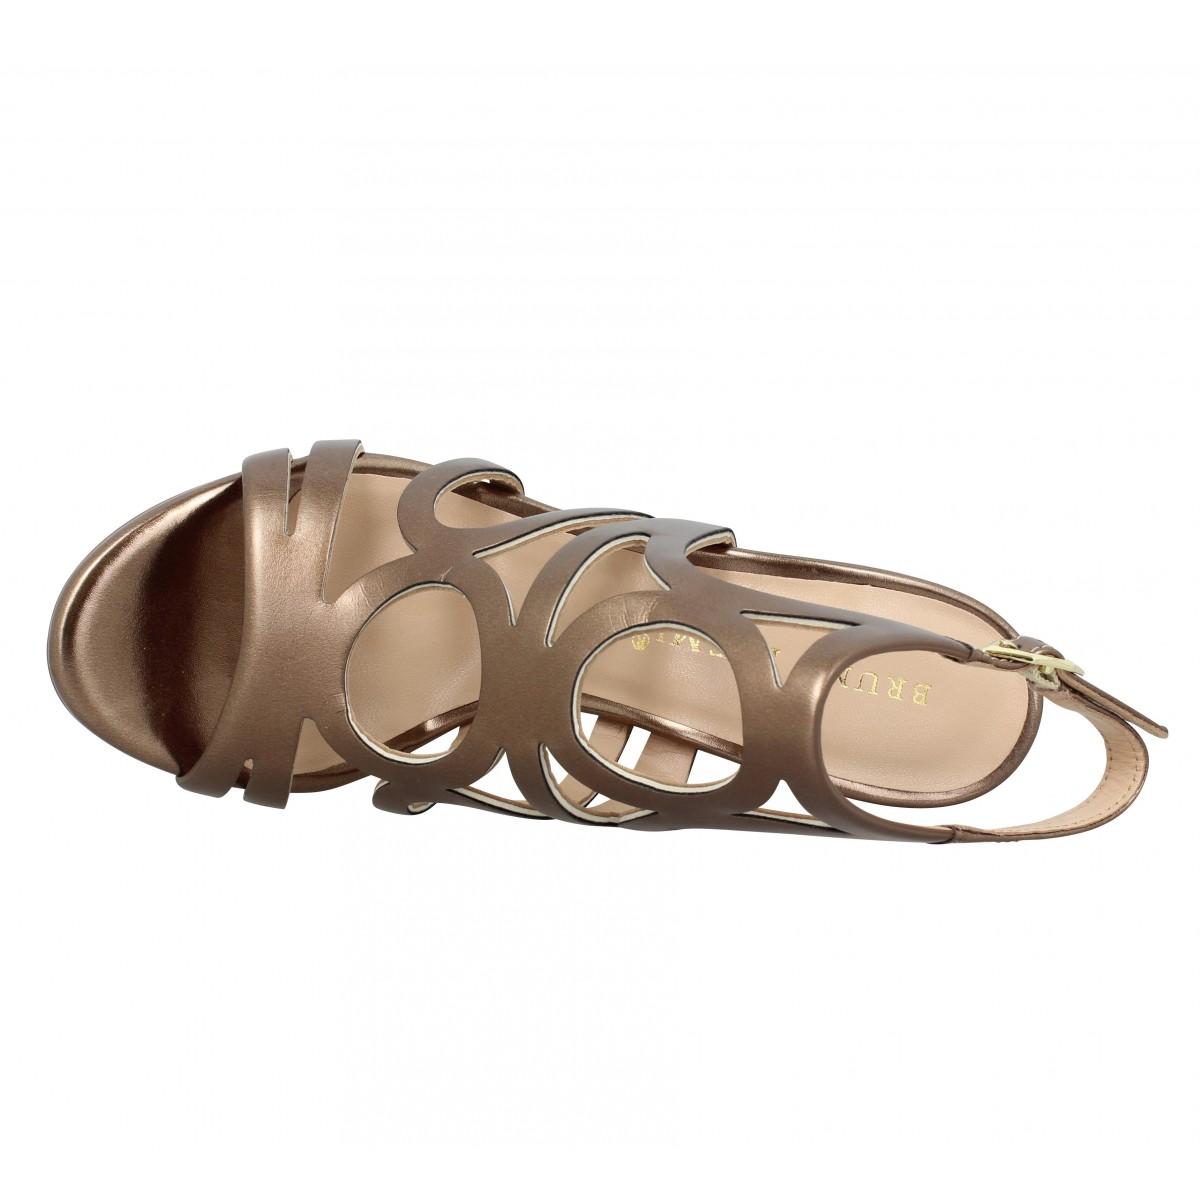 Chaussures Pour Femme HonnêTeté Clarks Femmes Bronze